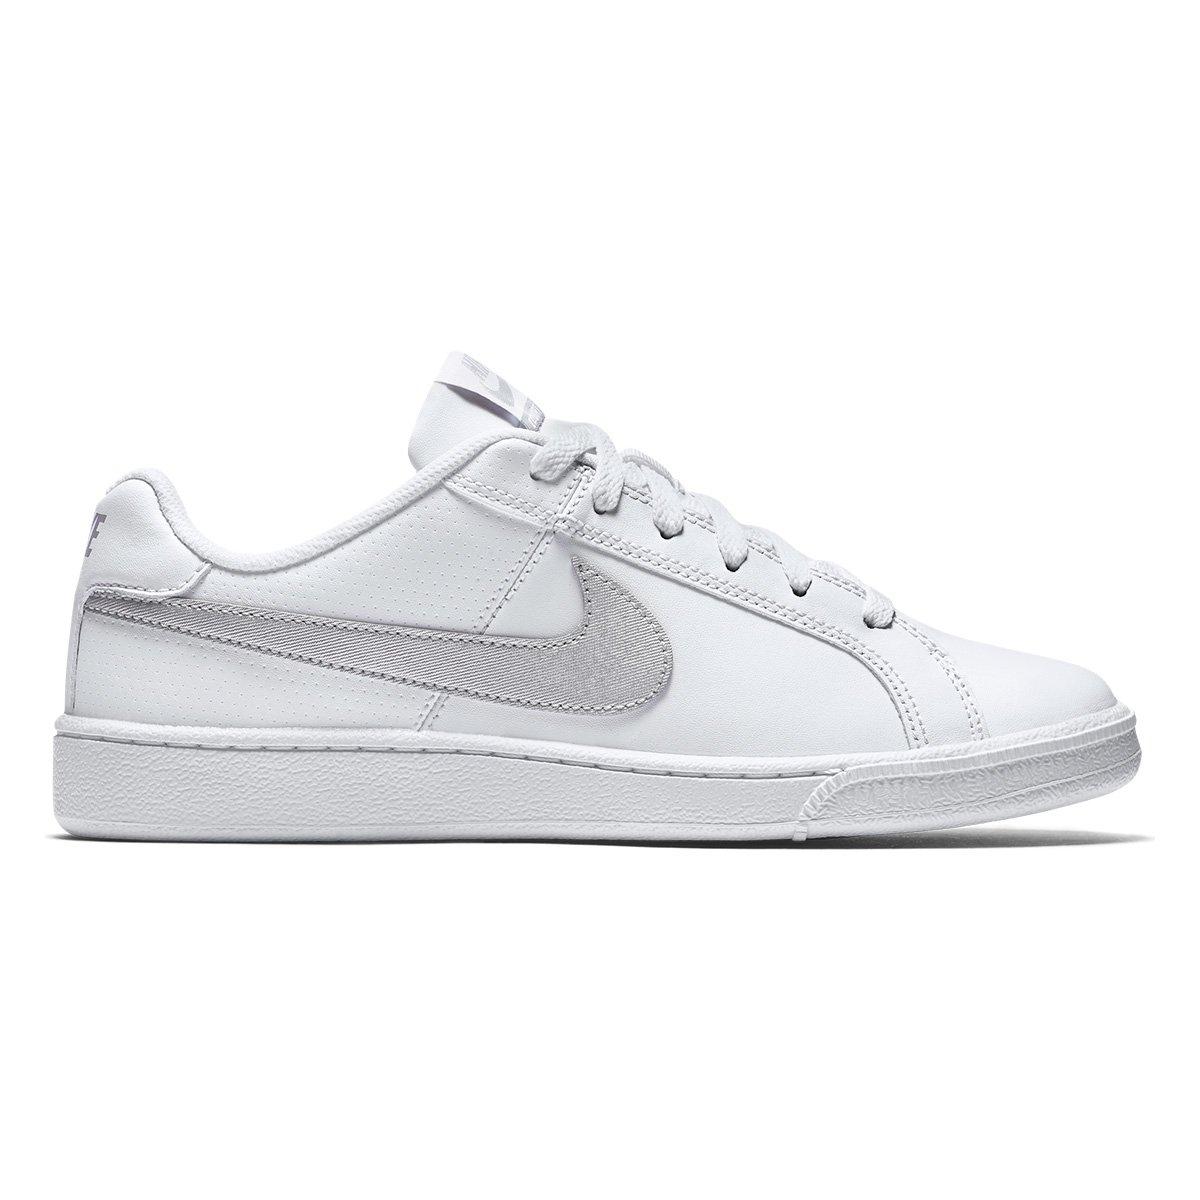 9864d4ebde0 Tênis Couro Nike Court Royale Feminino - Branco e prata - Compre Agora